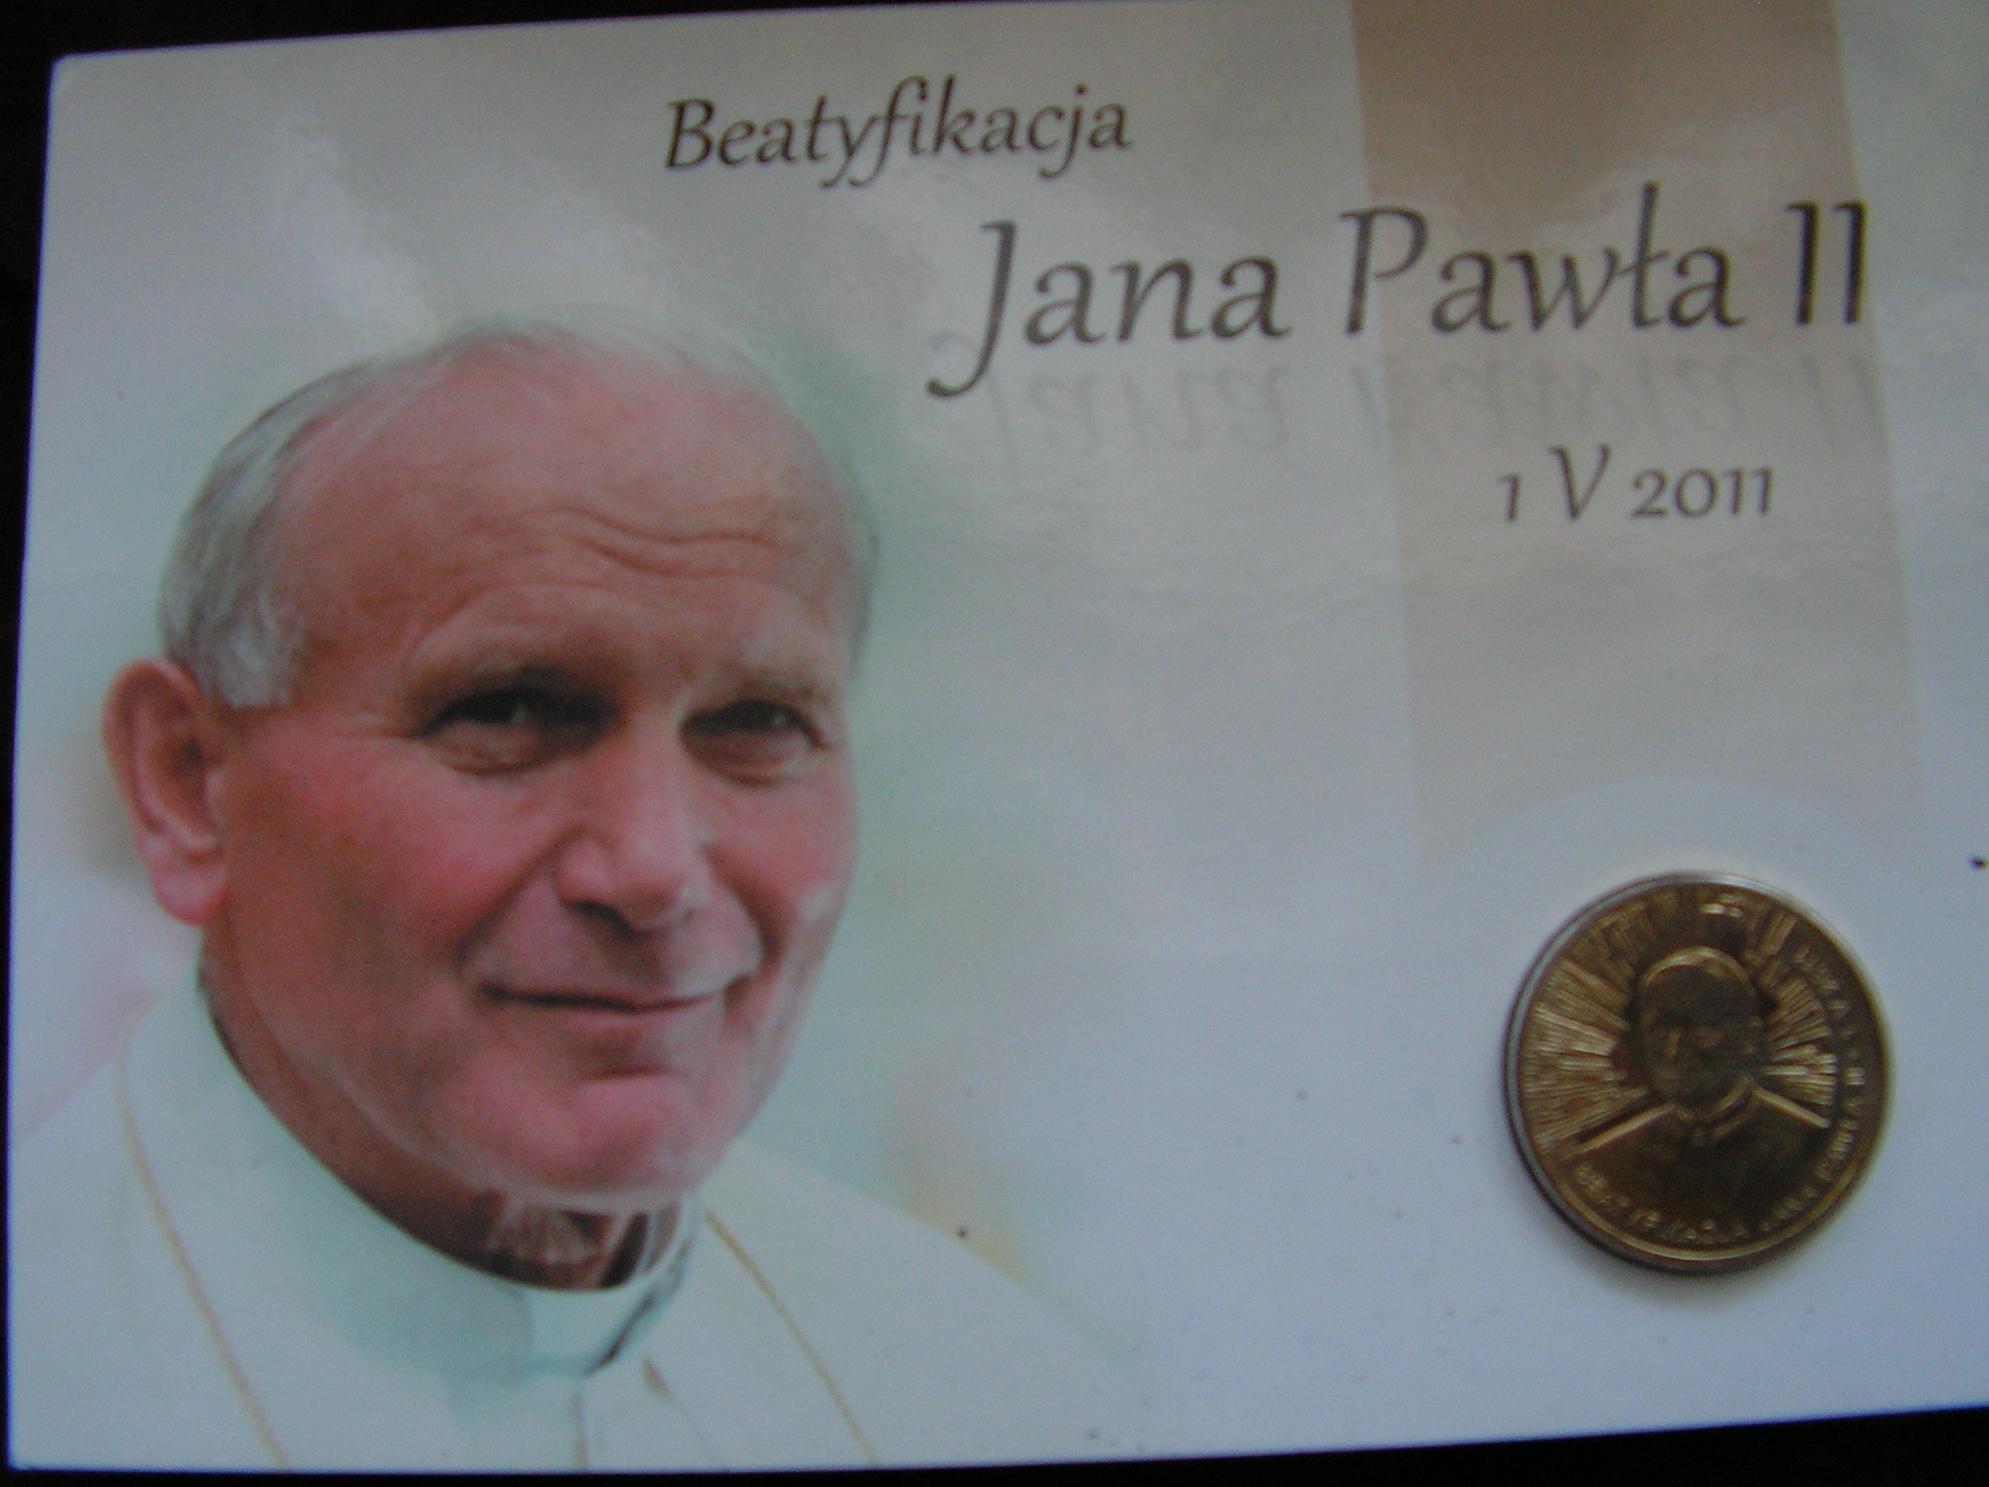 2 zł blister - Beatyfikacja Jana Pawła II